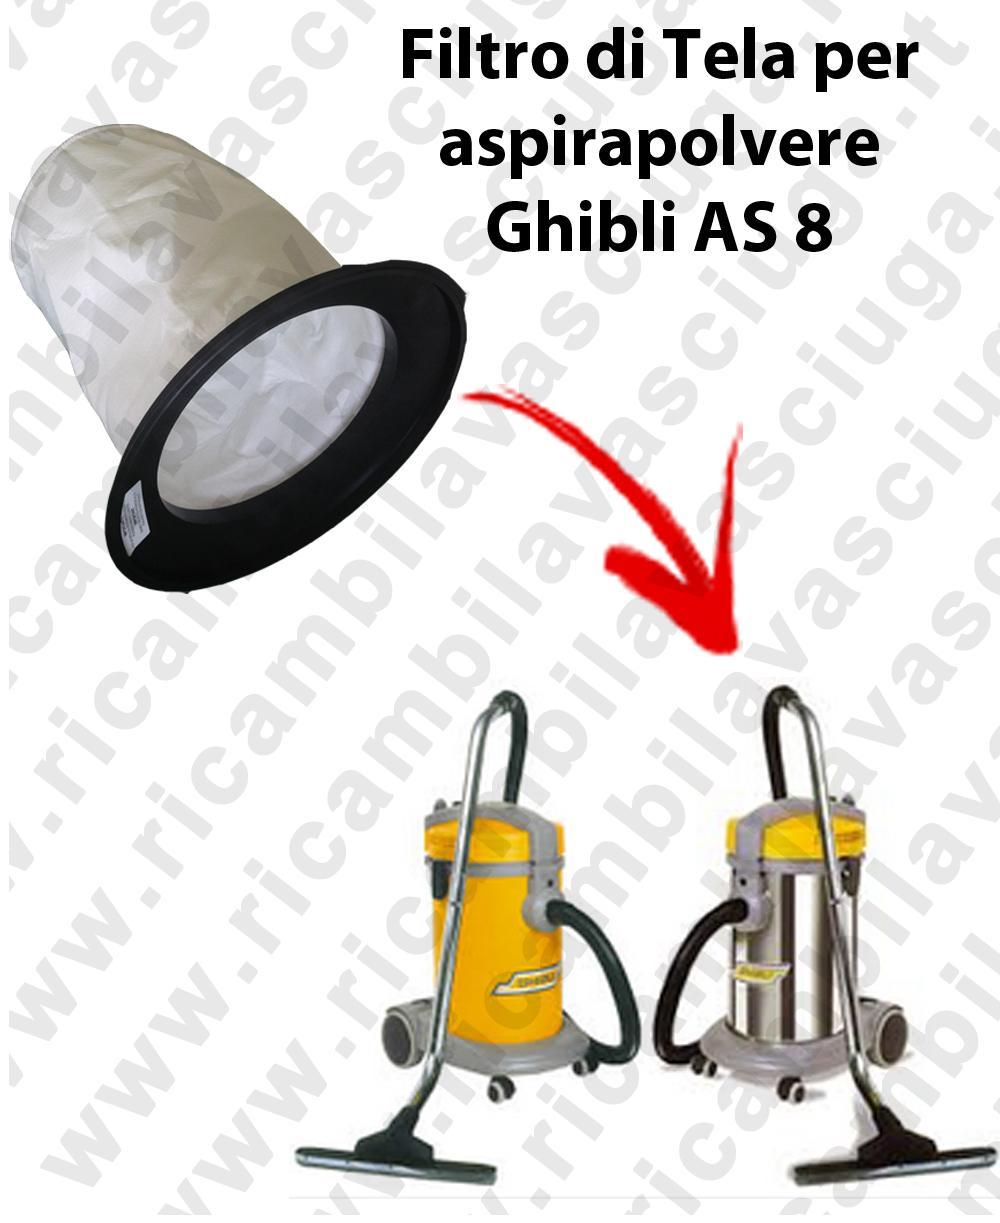 FILTRO TELA PER aspirapolvere GHIBLI modello AS 8